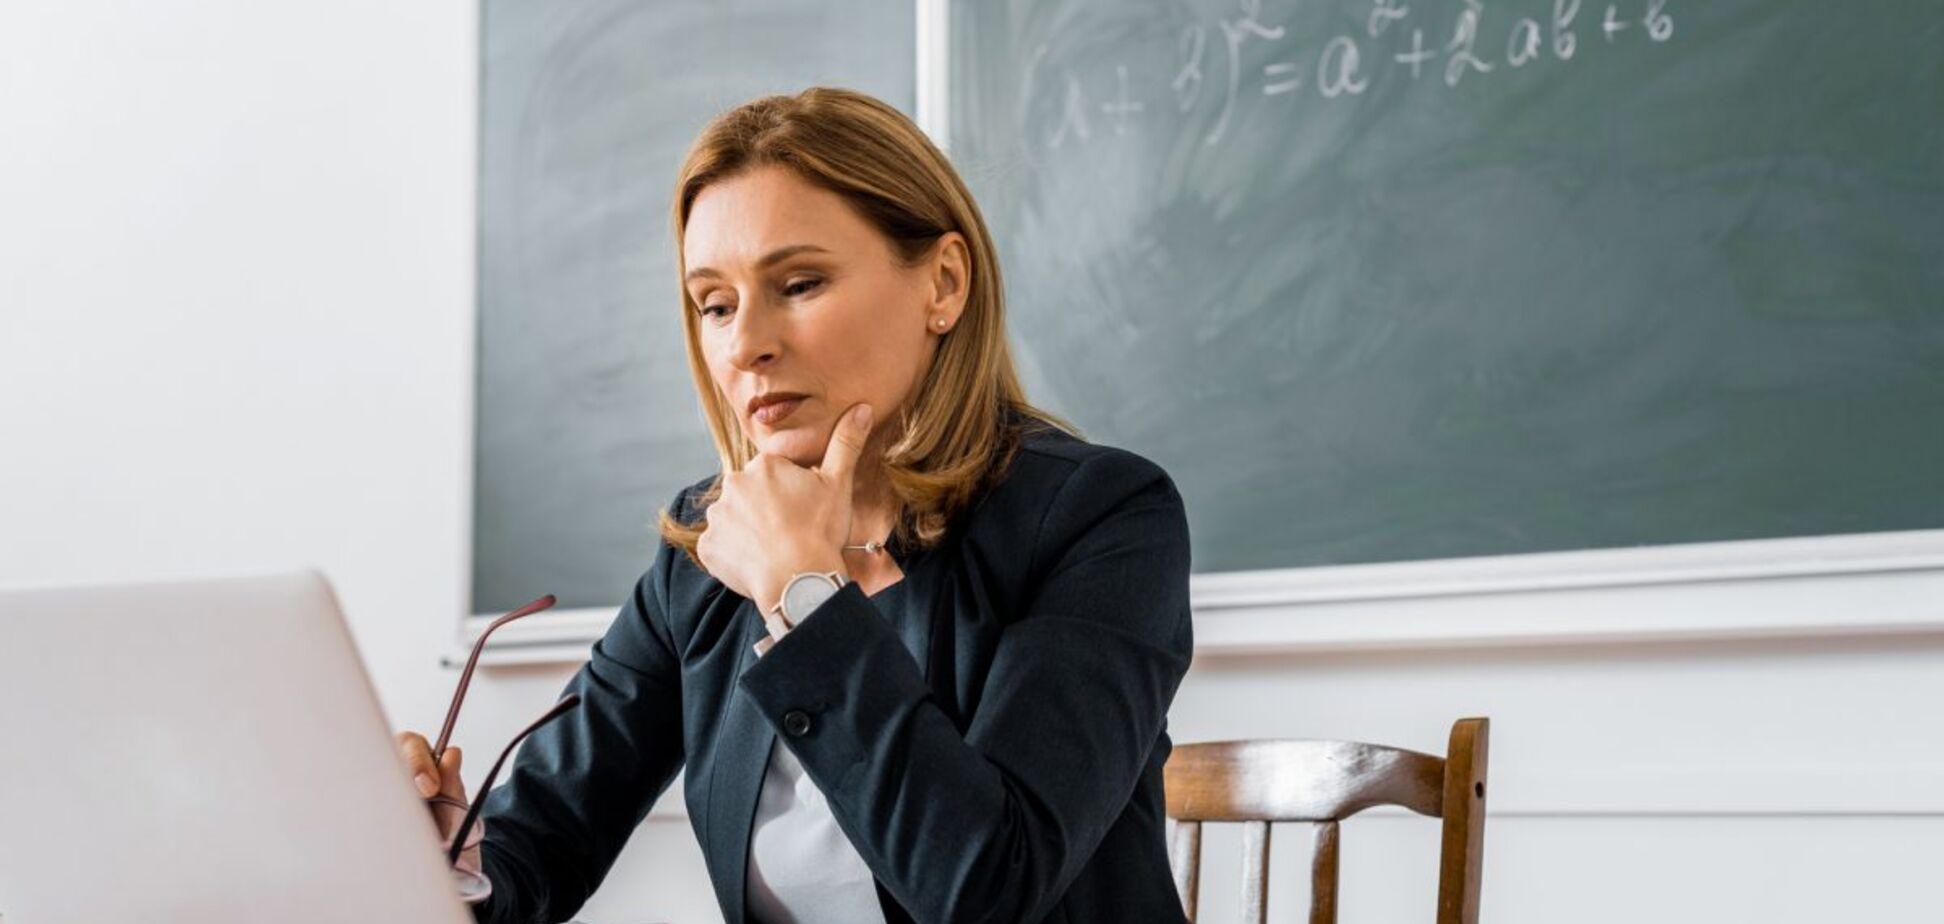 Карантин не перешкода: як вчителюють українські педагоги вдома